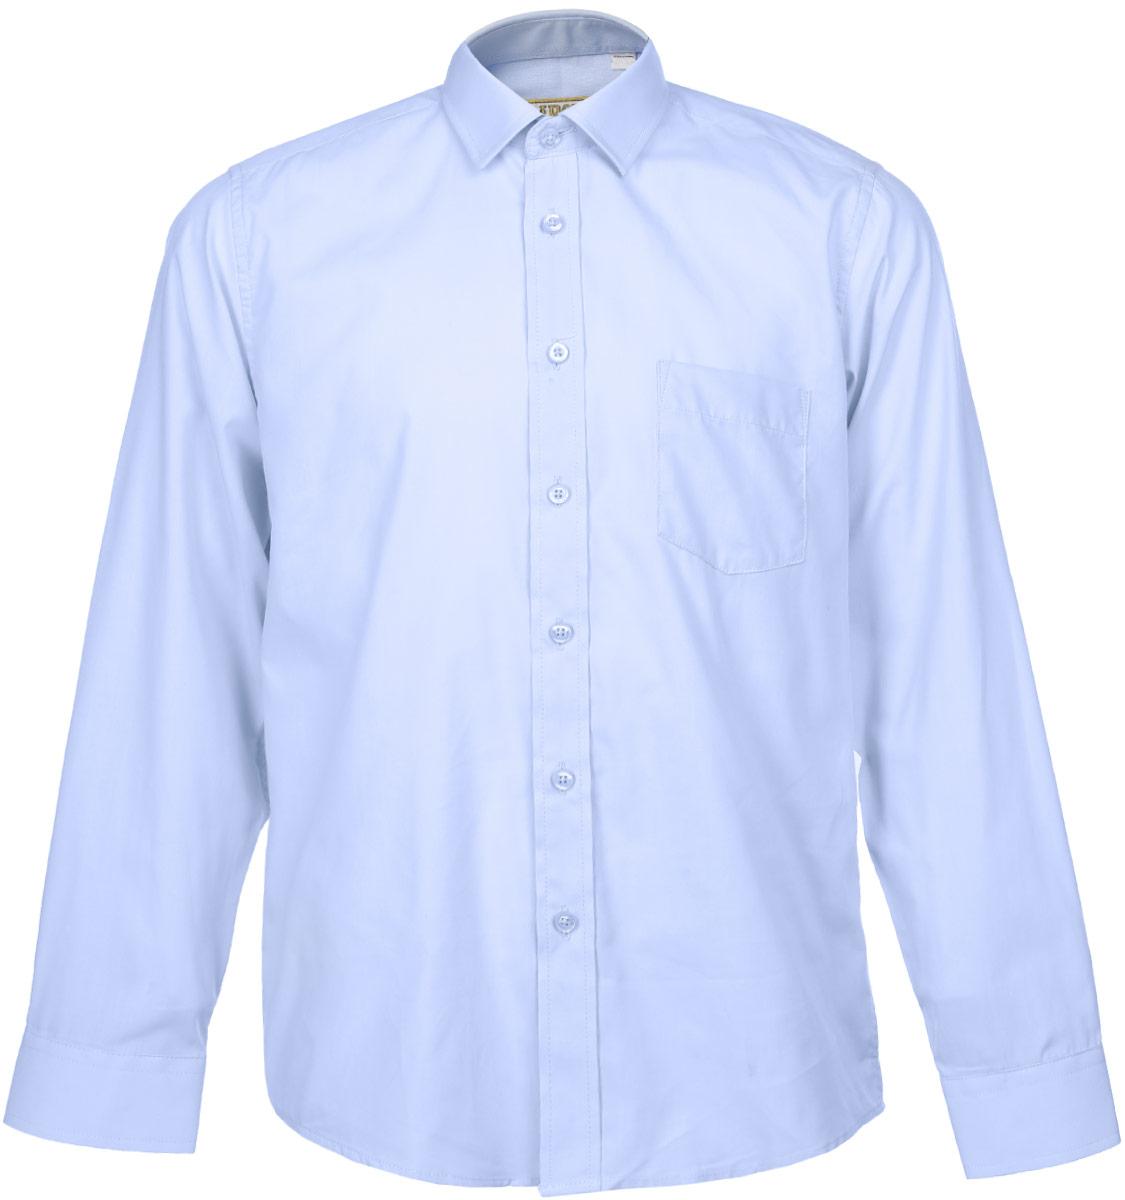 Рубашка для мальчика Tsarevich, цвет: голубой. Dream Blue. Размер 33/146-152, 9-11 летDream BlueСтильная рубашка для мальчика Tsarevich идеально подойдет для школы. Изготовленная из хлопка с добавлением полиэстера, она необычайно мягкая, легкая и приятная на ощупь, не сковывает движения и позволяет коже дышать, не раздражает даже самую нежную и чувствительную кожу ребенка, обеспечивая ему наибольший комфорт. Рубашка классического кроя с длинными рукавами и отложным воротничком застегивается на пуговицы, на груди она дополнена небольшим накладным кармашком. Рукава имеют широкие манжеты, также застегивающиеся на пуговицу.Такая рубашка - незаменимая вещь для школьной формы, отлично сочетается с брюками, жилетами и пиджаками.